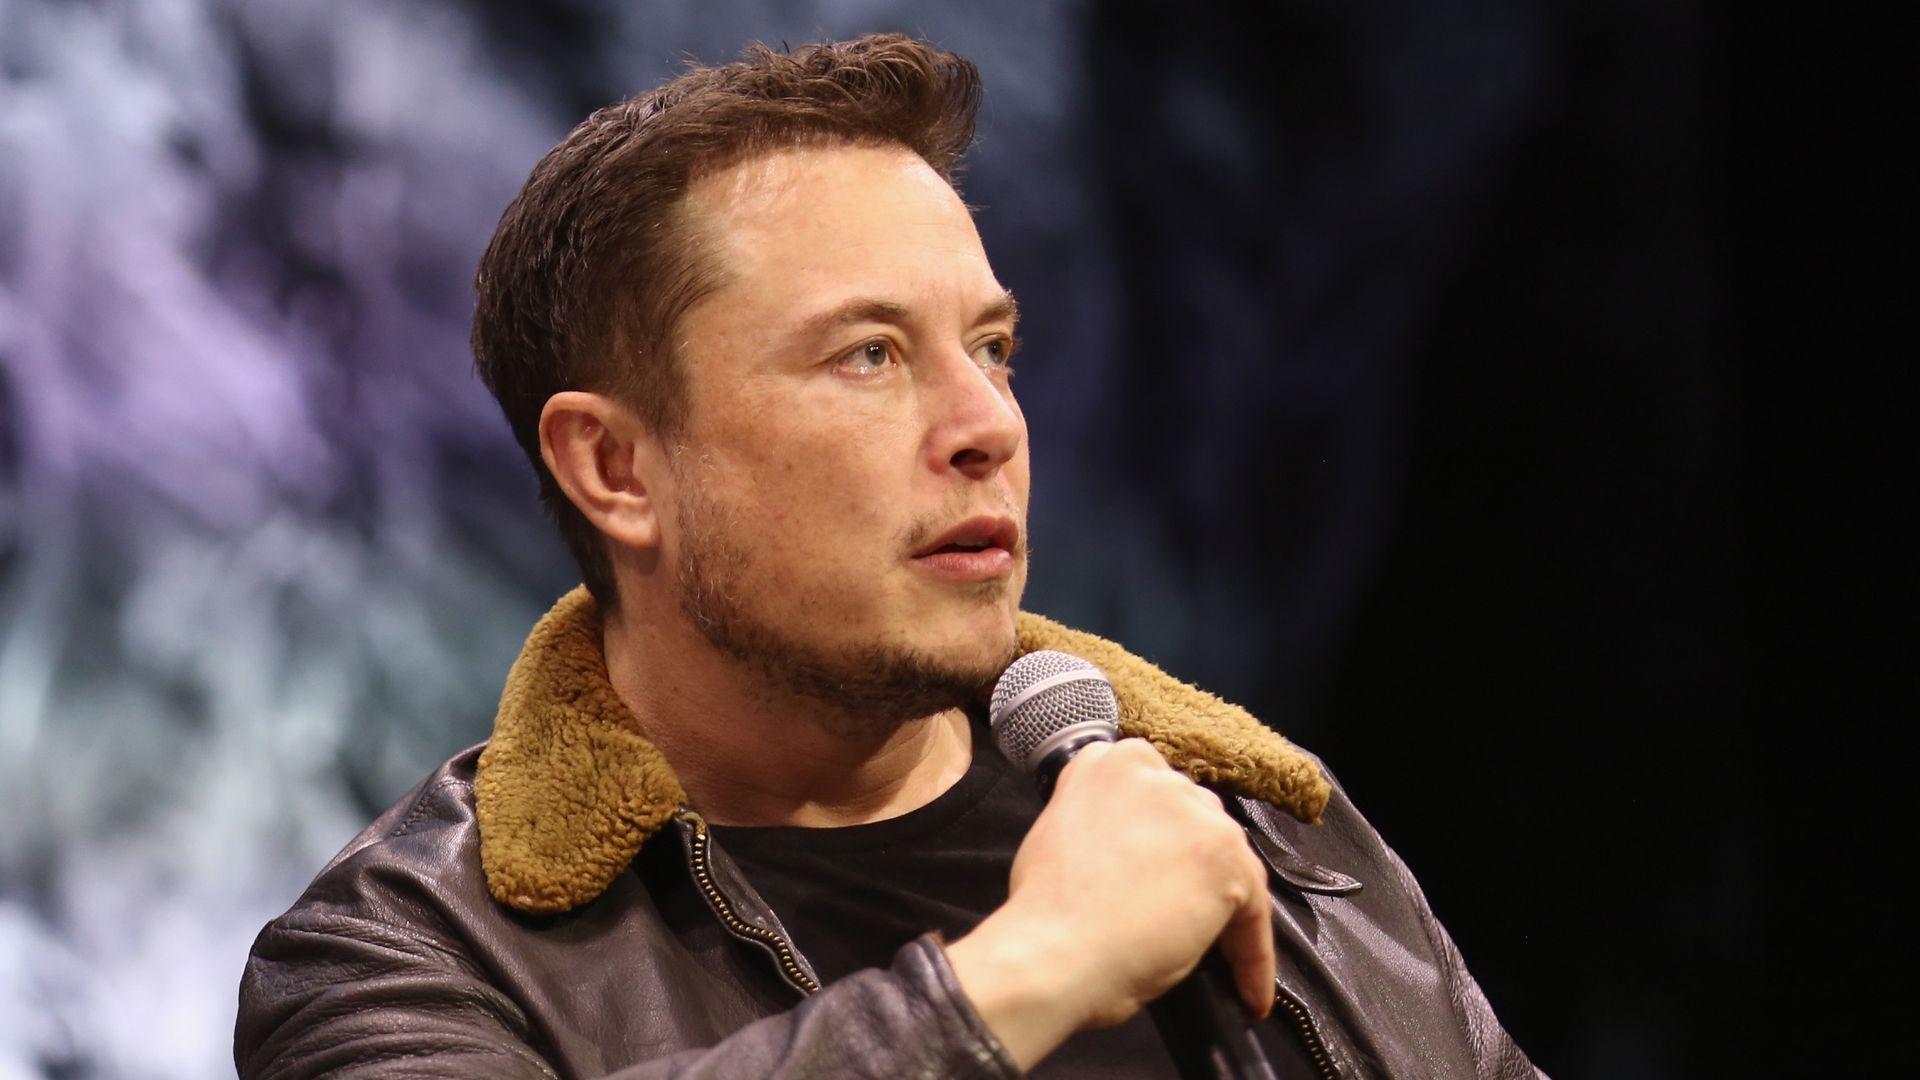 Elon Musk speaks onstage